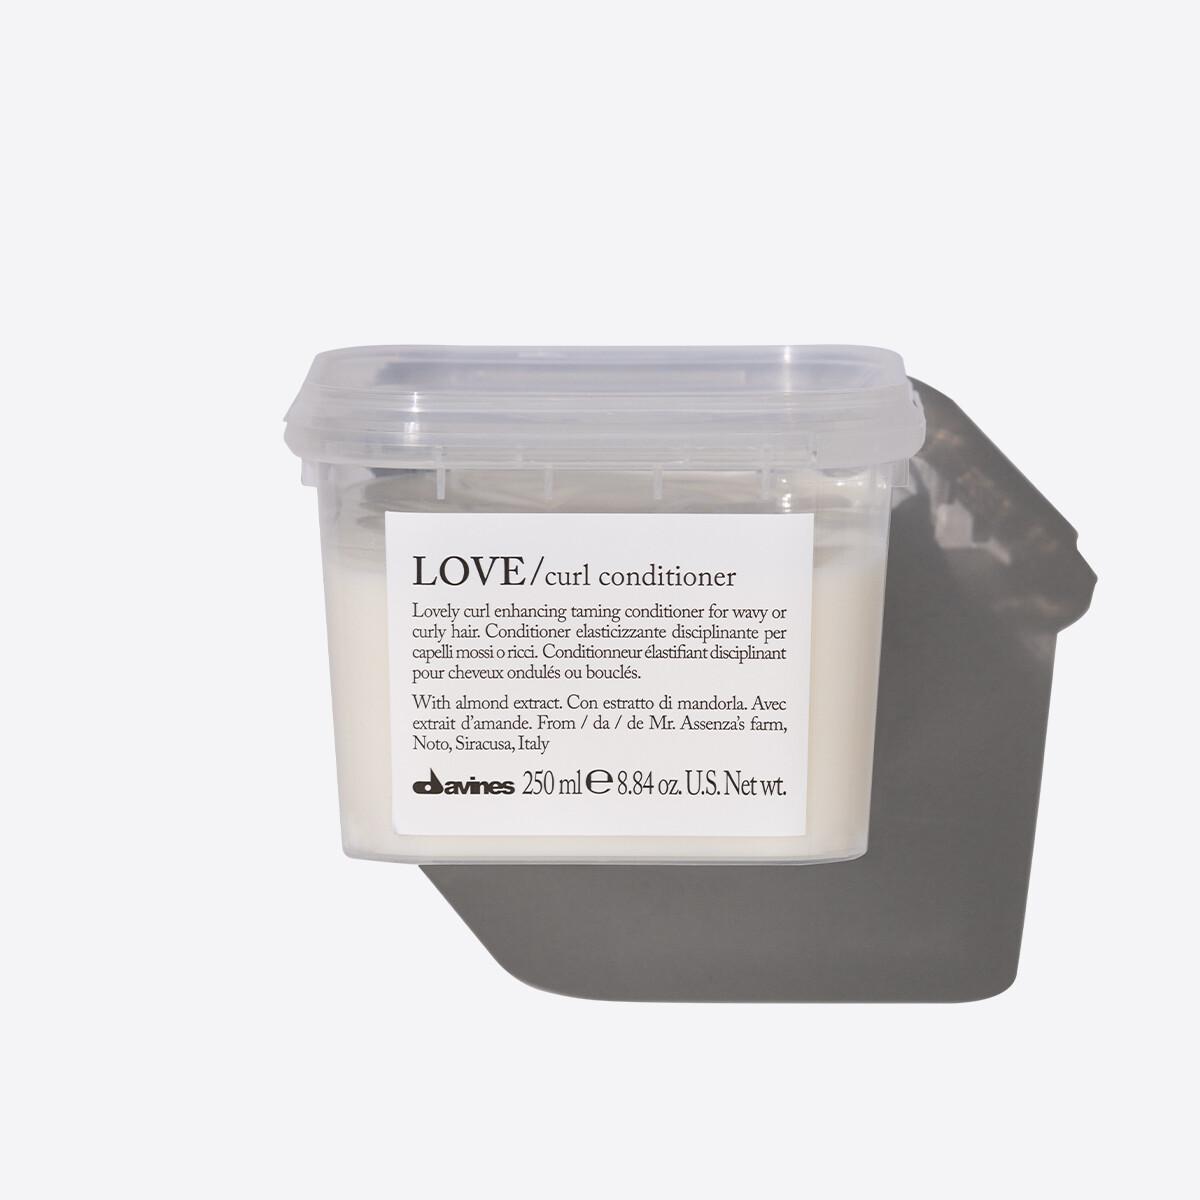 LOVE CURL/ conditioner 250 ml